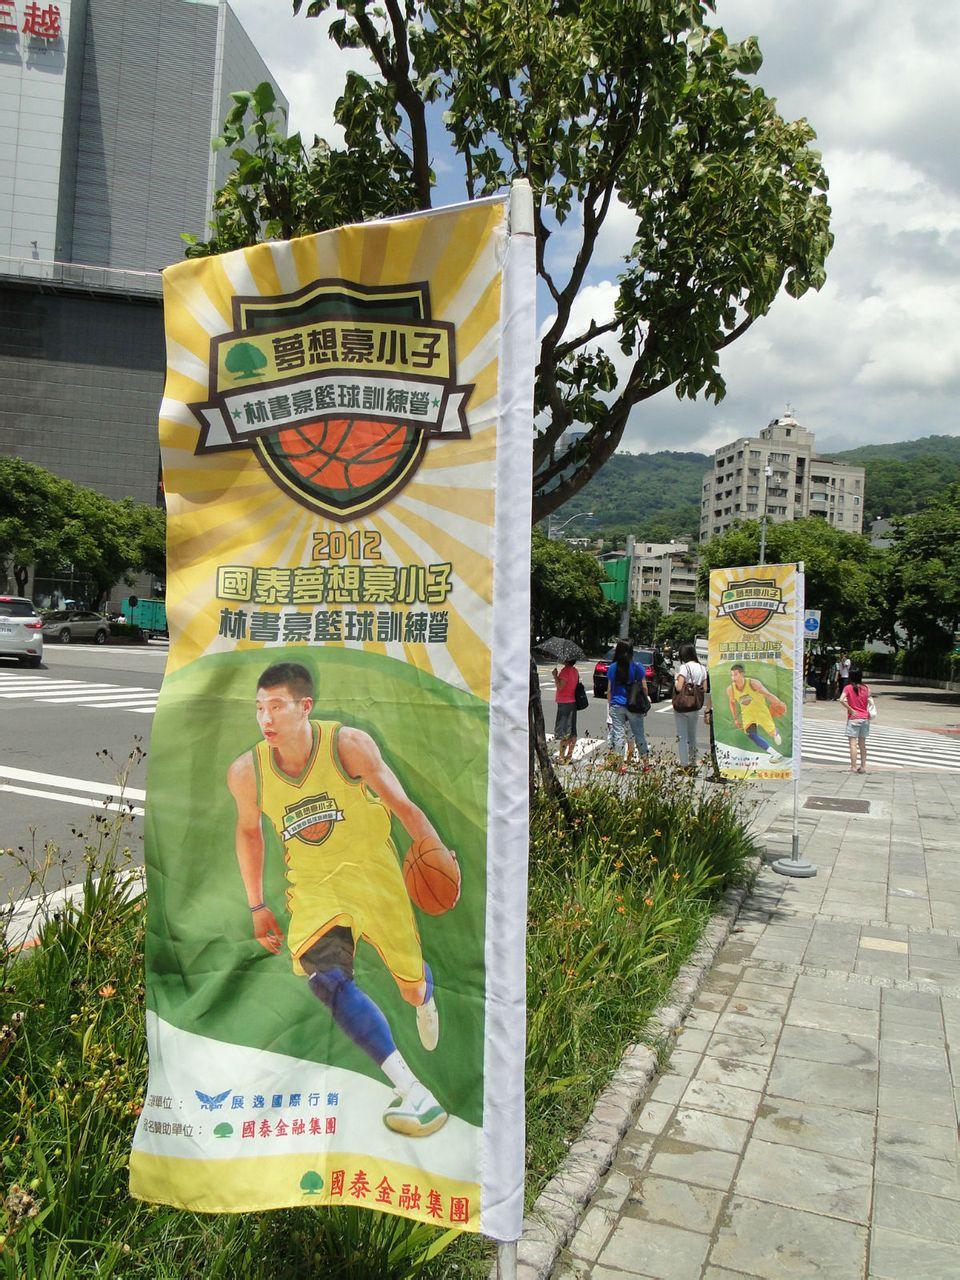 2012 天母北體 國泰夢想豪小子林書豪籃球訓練營